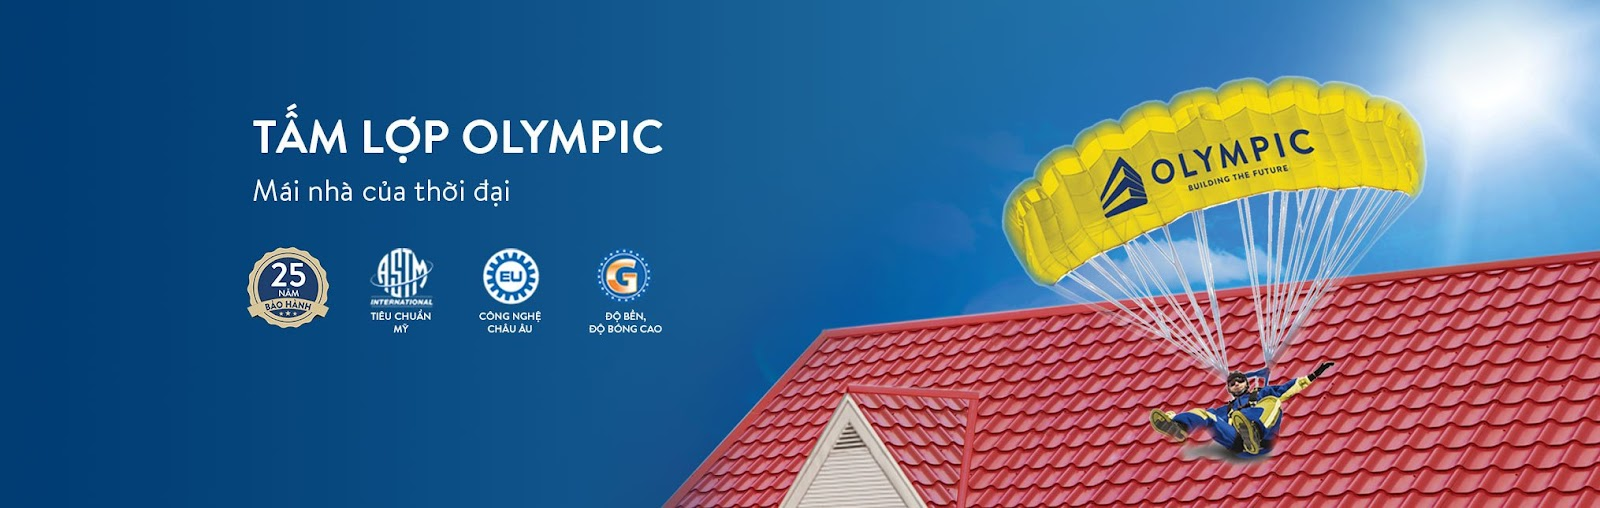 Tấm lợp Olympic - mái nhà của mọi thời đại